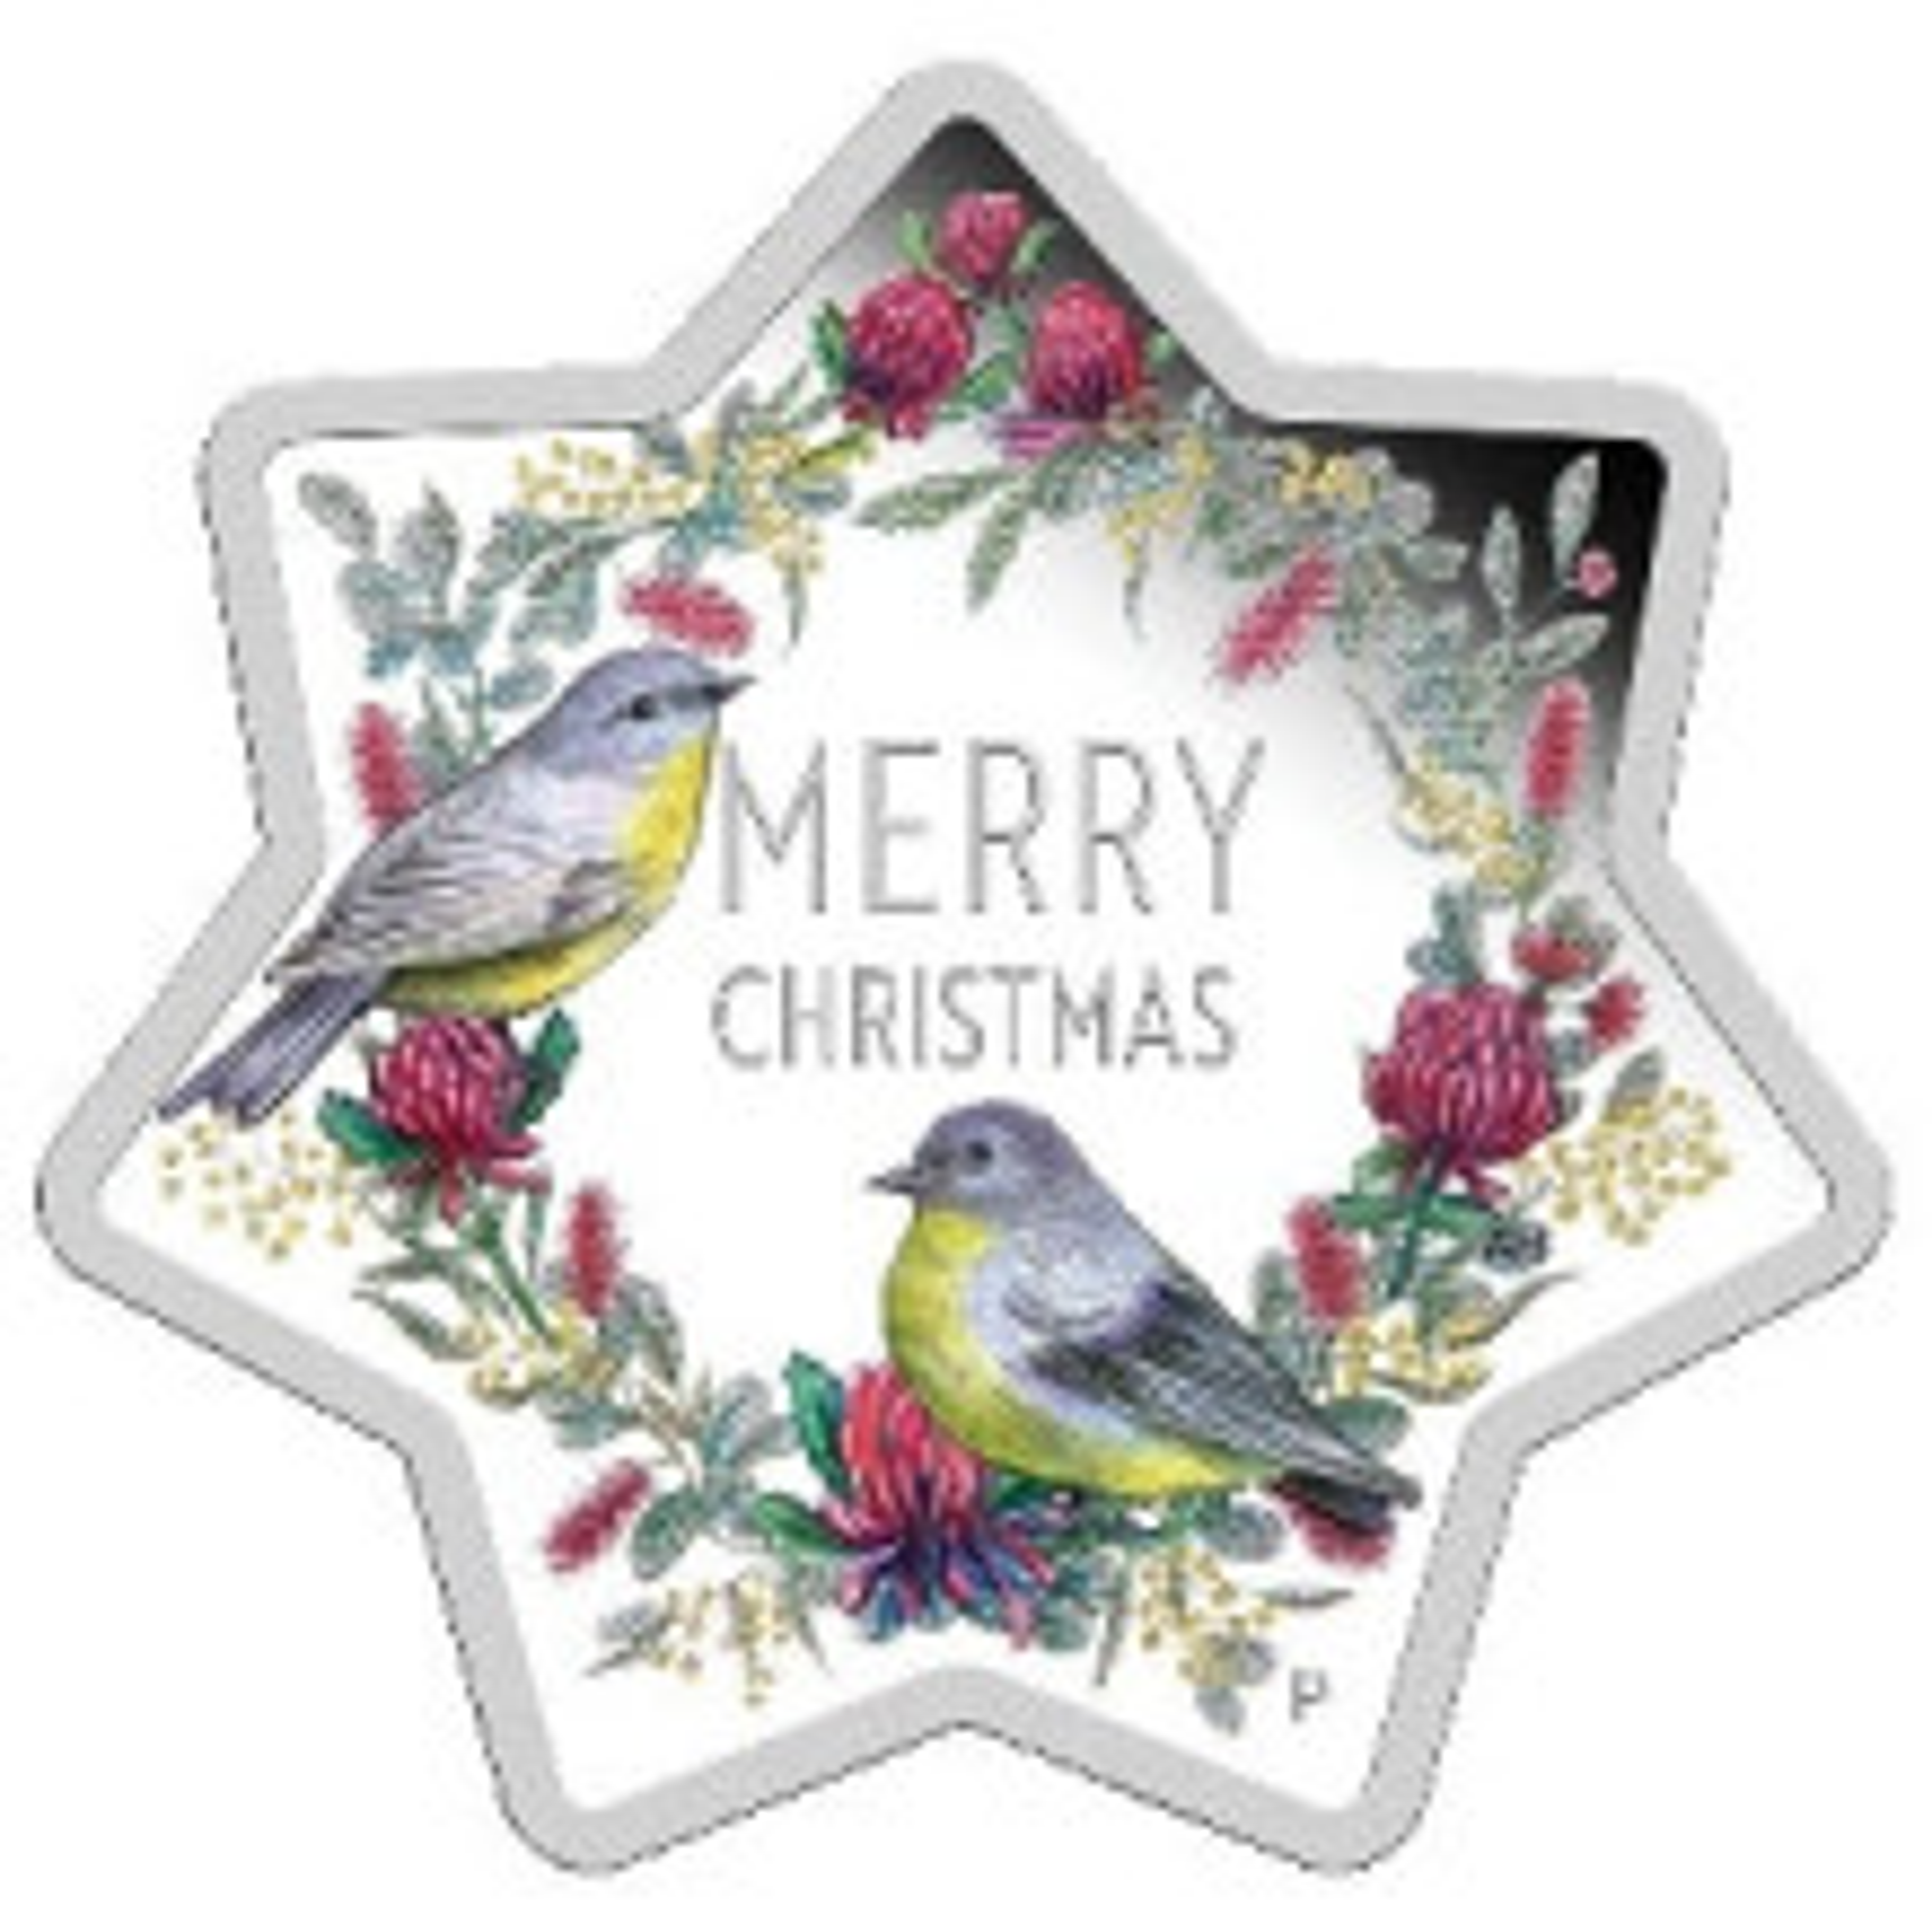 Zilveren kerstmunt stervorm 2020 Proof